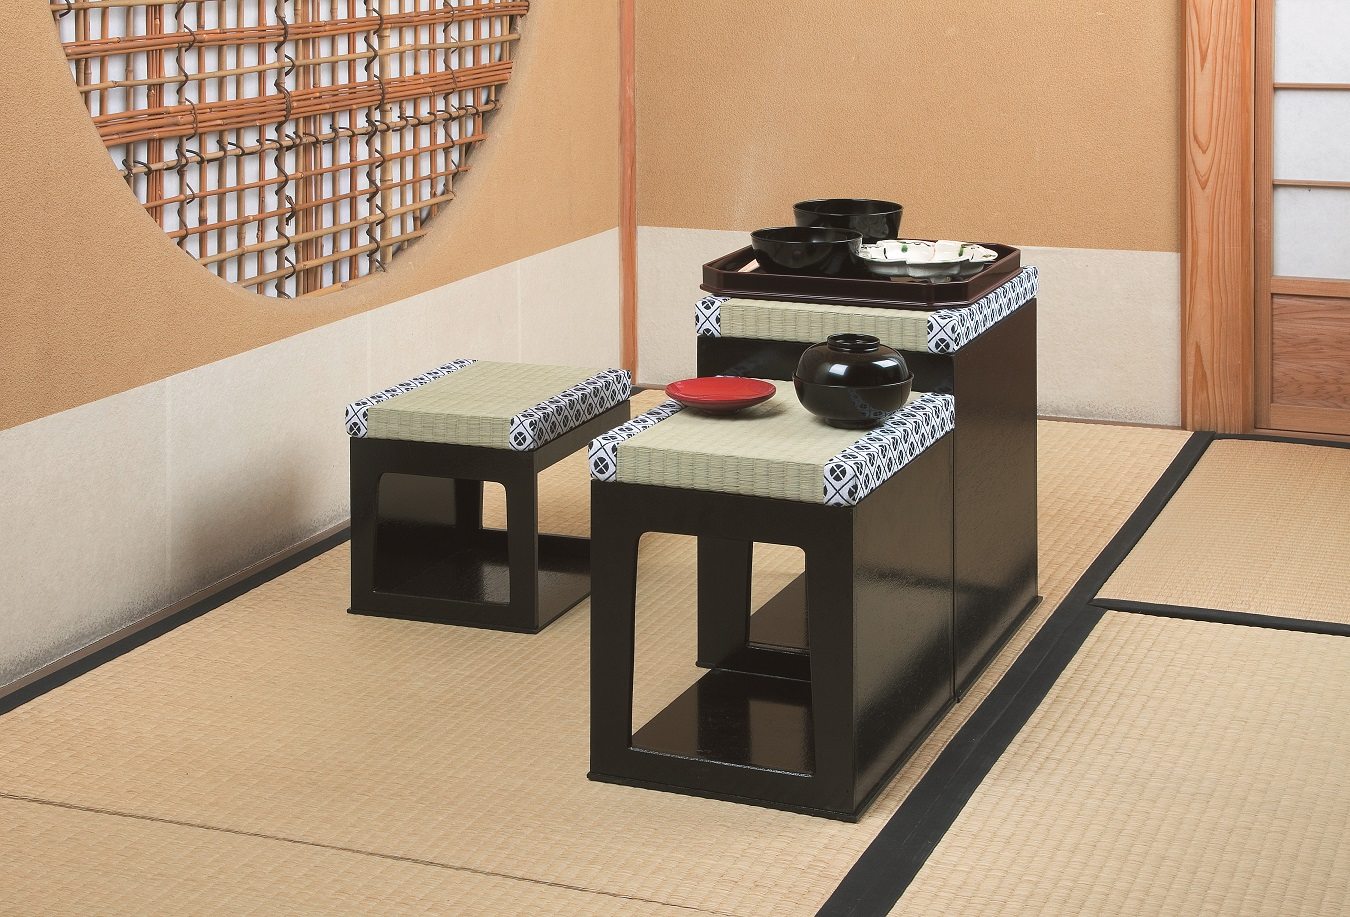 【茶道具】茶事座椅子セット黒掻合塗紙箱